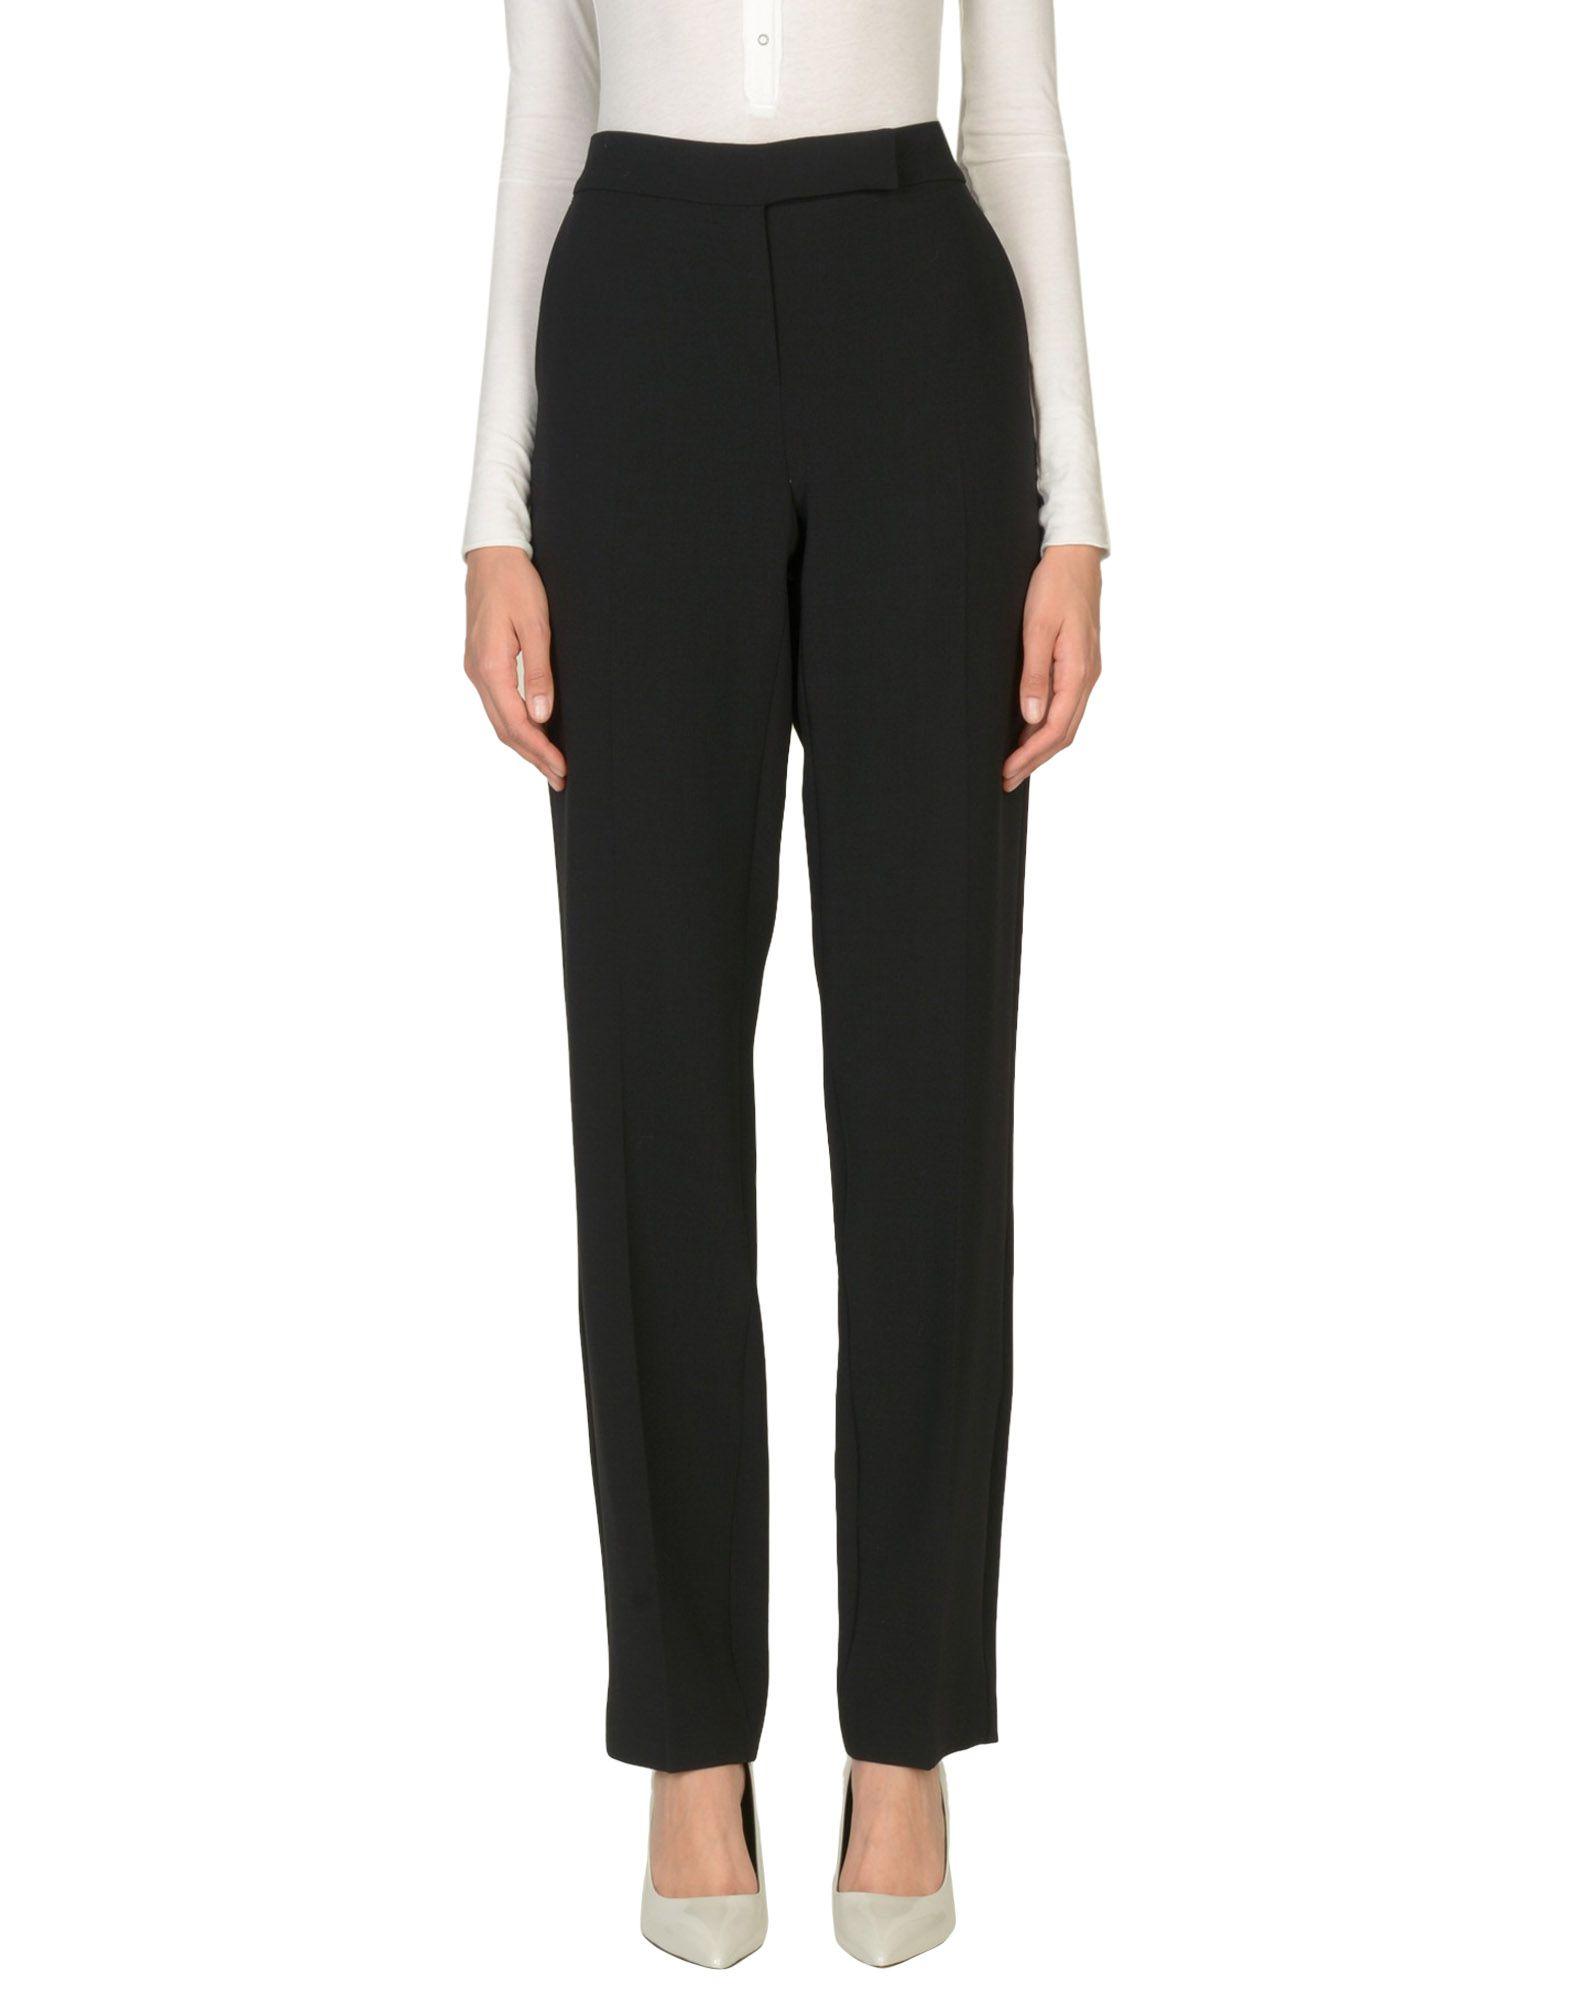 Pantalone Max Mara Donna - Acquista online su 5Q7GZc